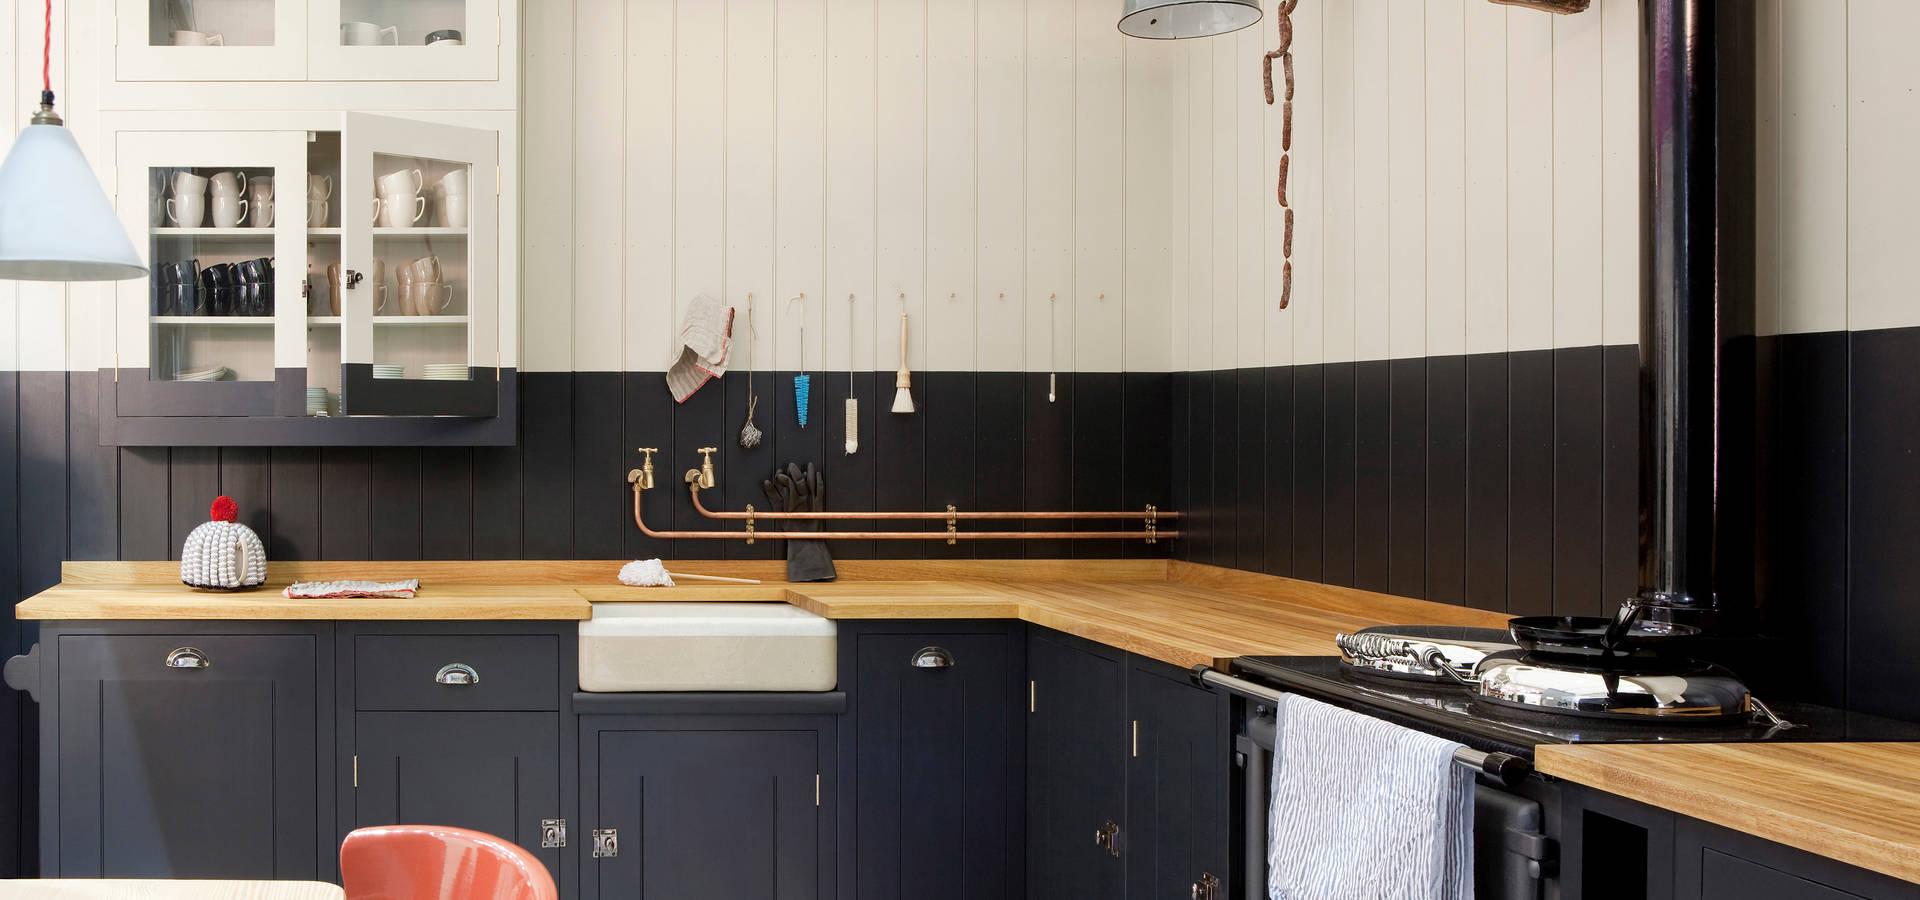 British Standard By Plain English Kitchen Manufacturers